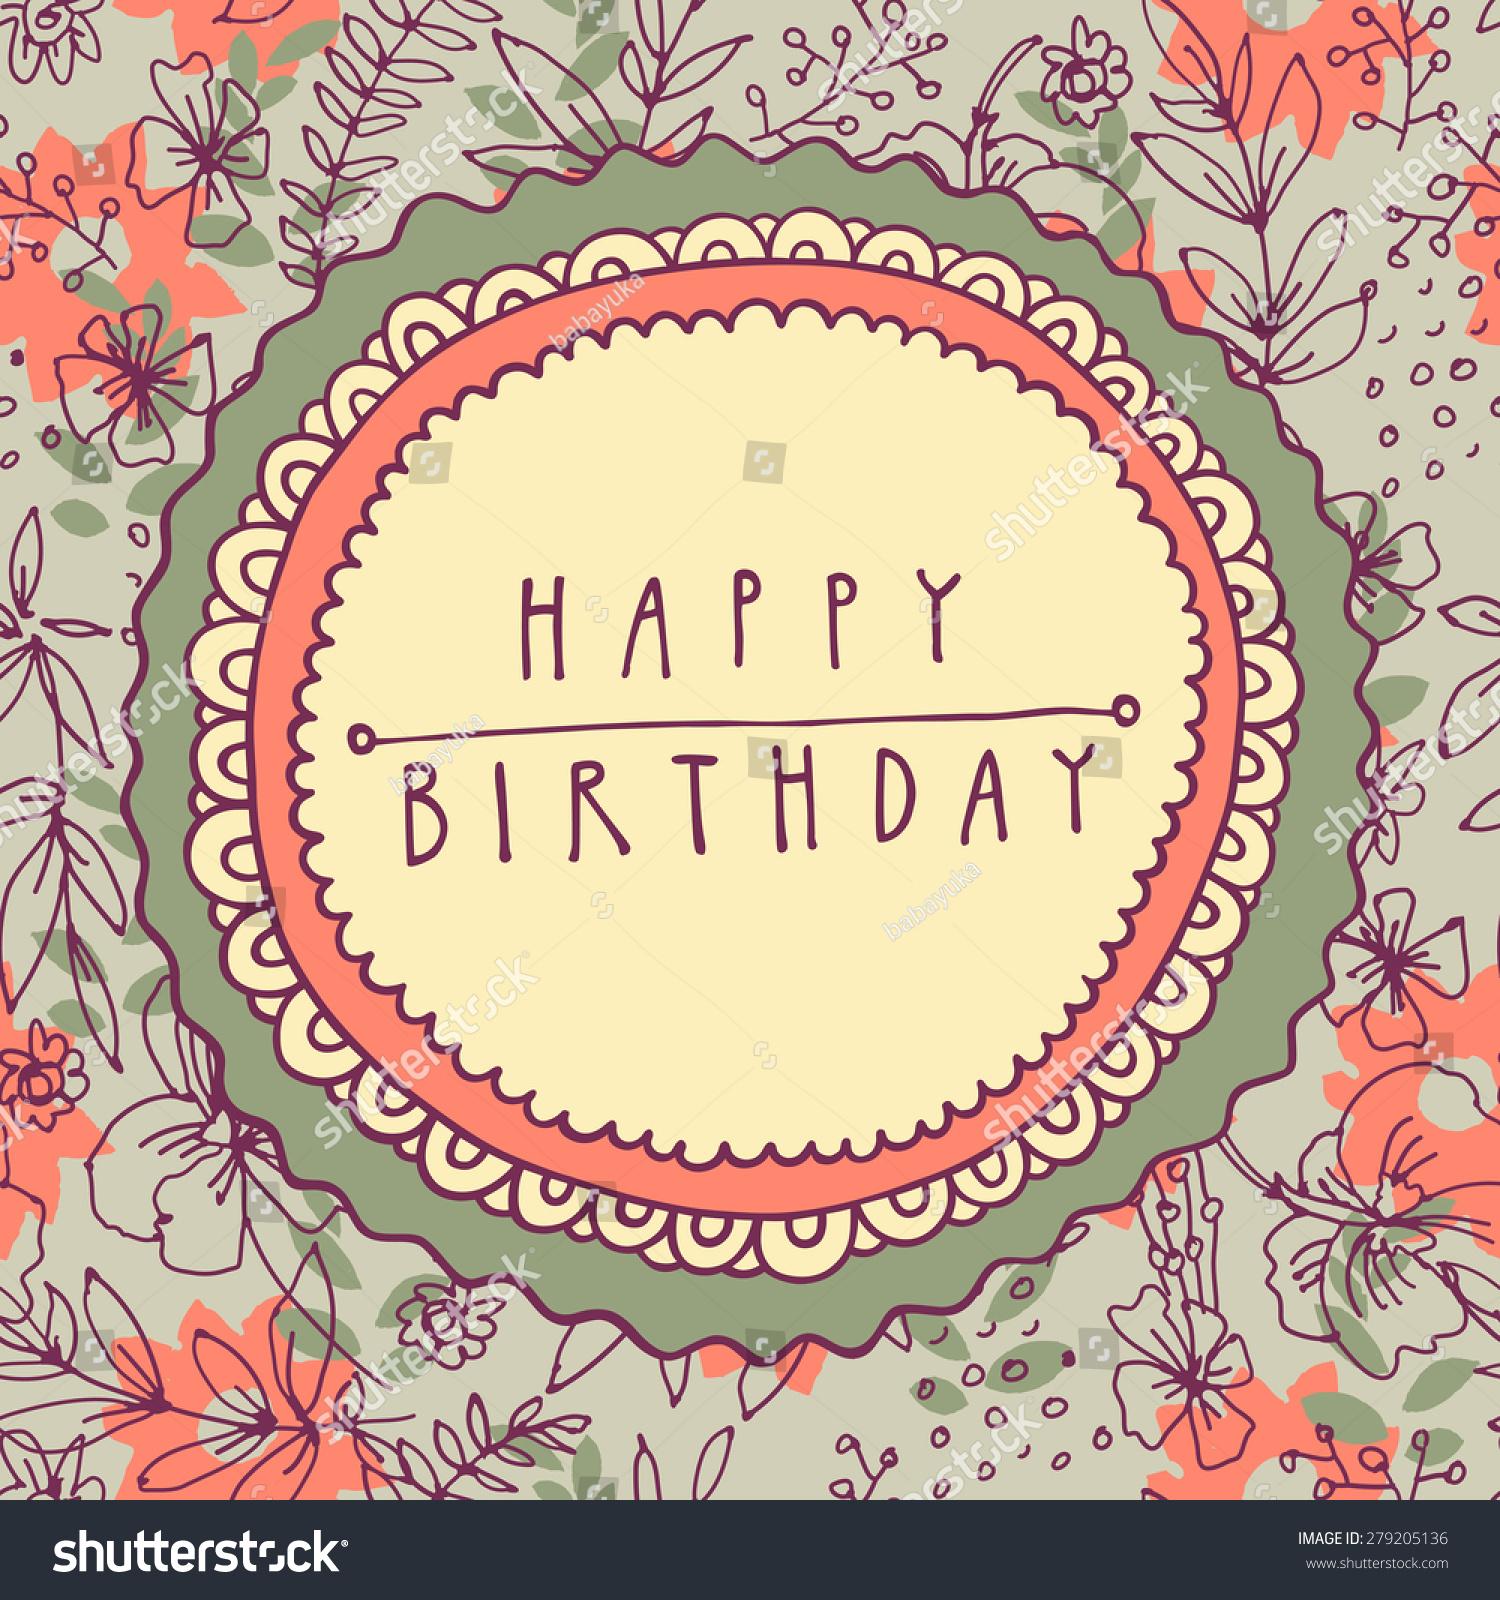 Suchen Sie Nach Colorful Happy Birthday Shabby Chic Handdrawn Stockbildern In Hd Und Millionen Weiteren Lizenzfreien Stockfotos Illustrationen Und Vektorgrafiken In Der Shutterstock Kollektion Jeden Tag Werden Tausende Neue Hochwertige Bilder